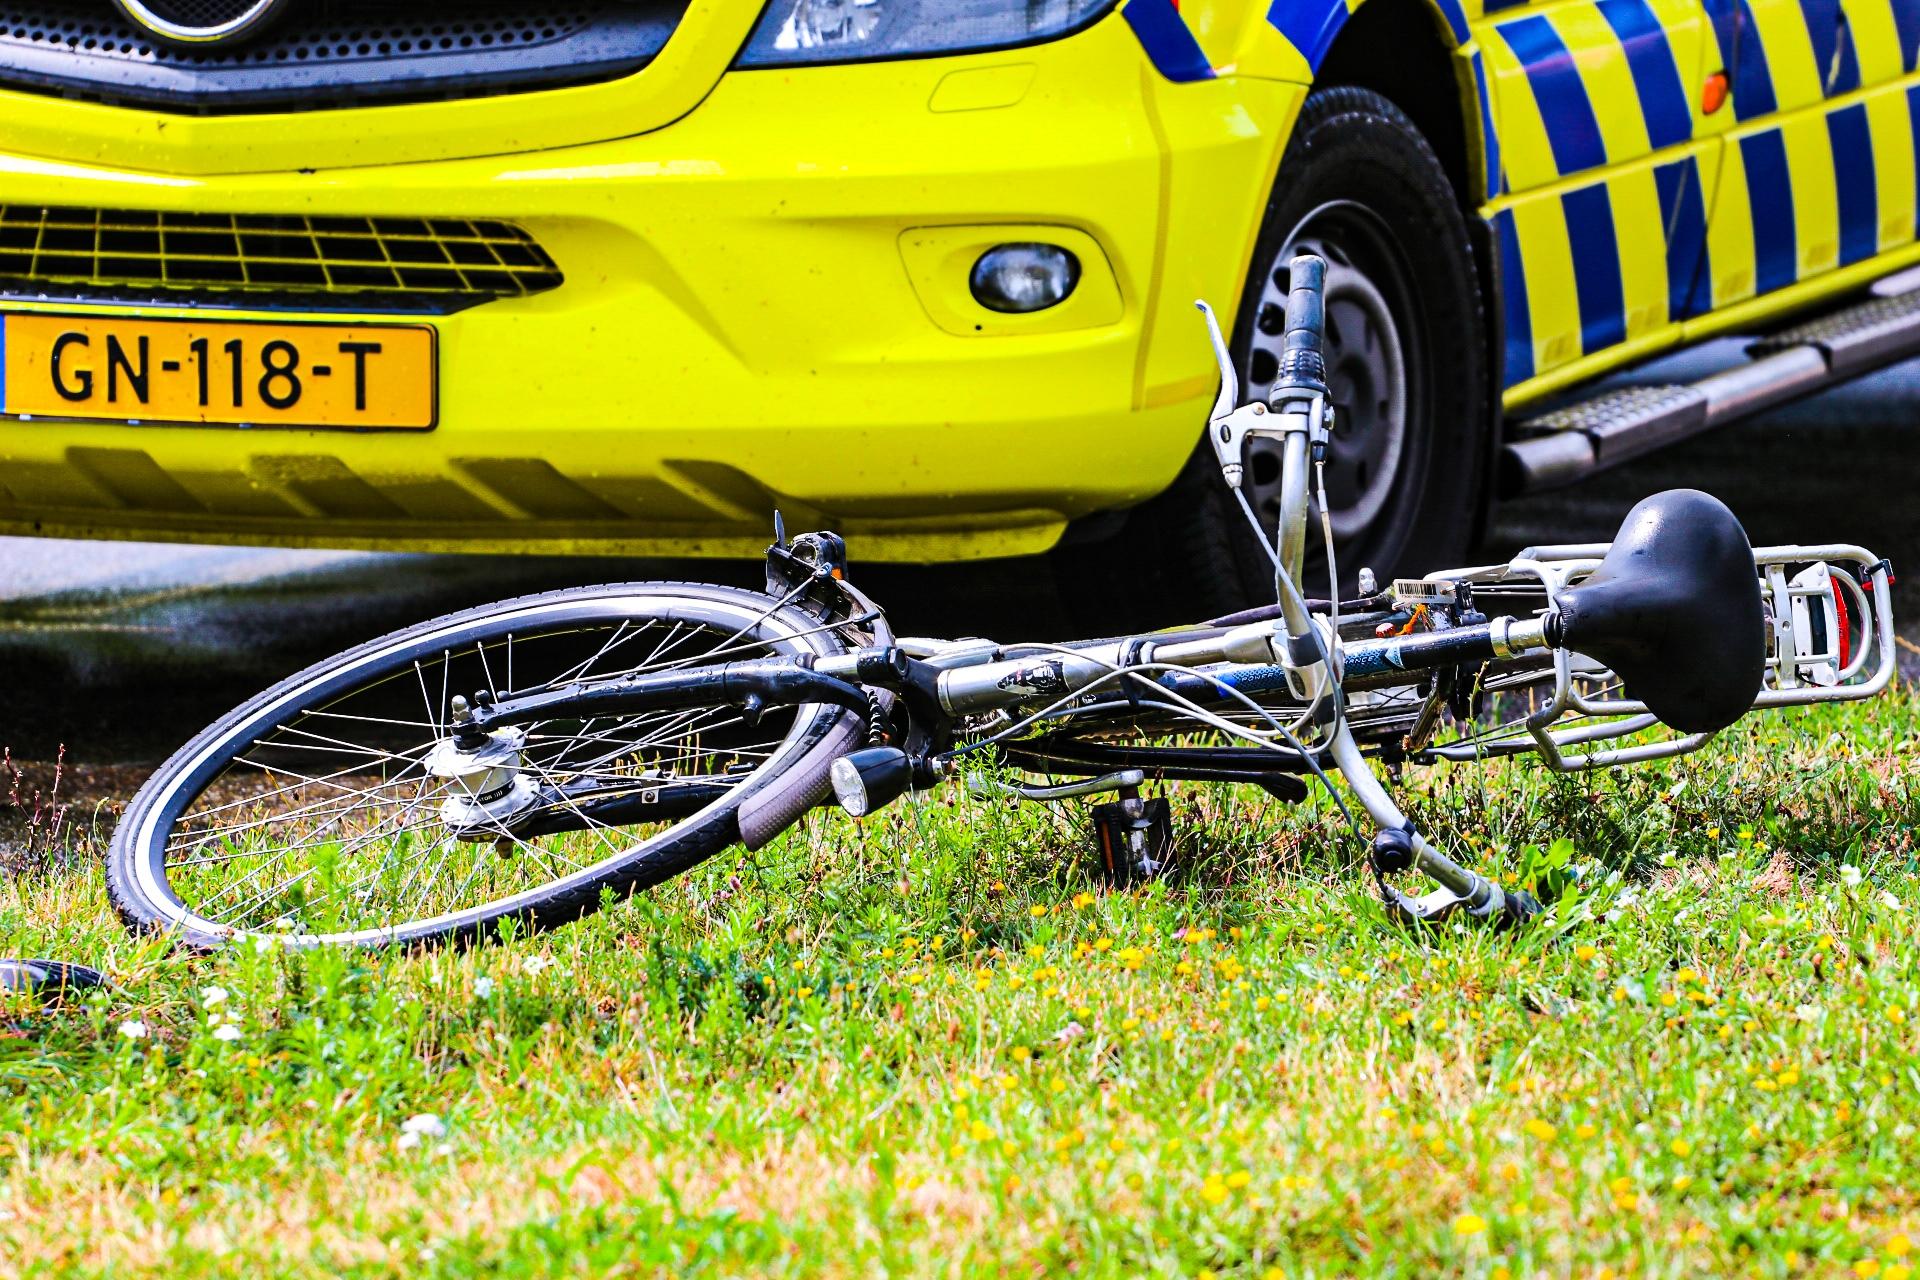 Fietsster met spoed naar ziekenhuis na aanrijding in Apeldoorn